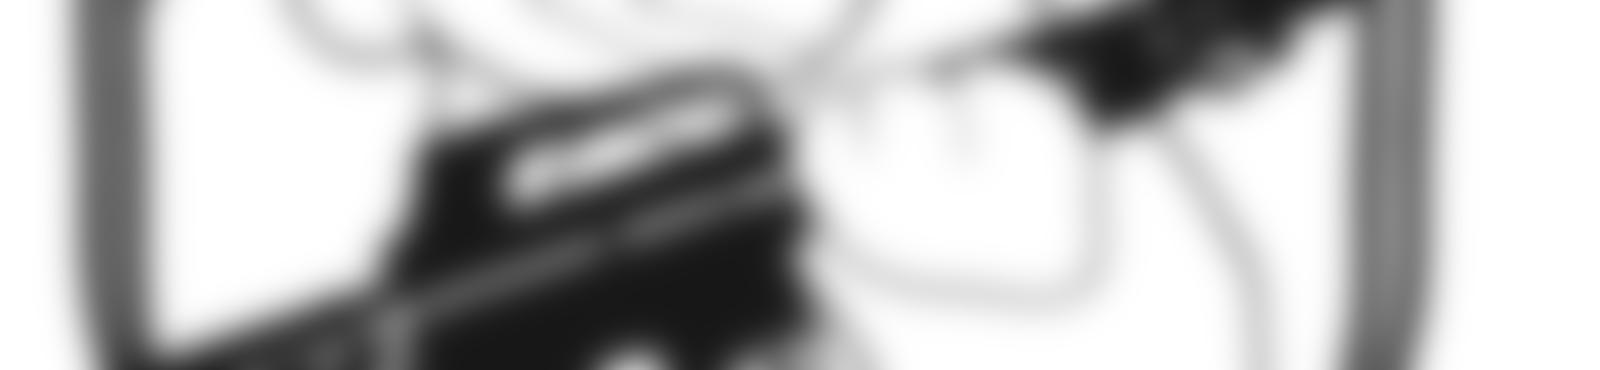 Blurred s ss war gestern